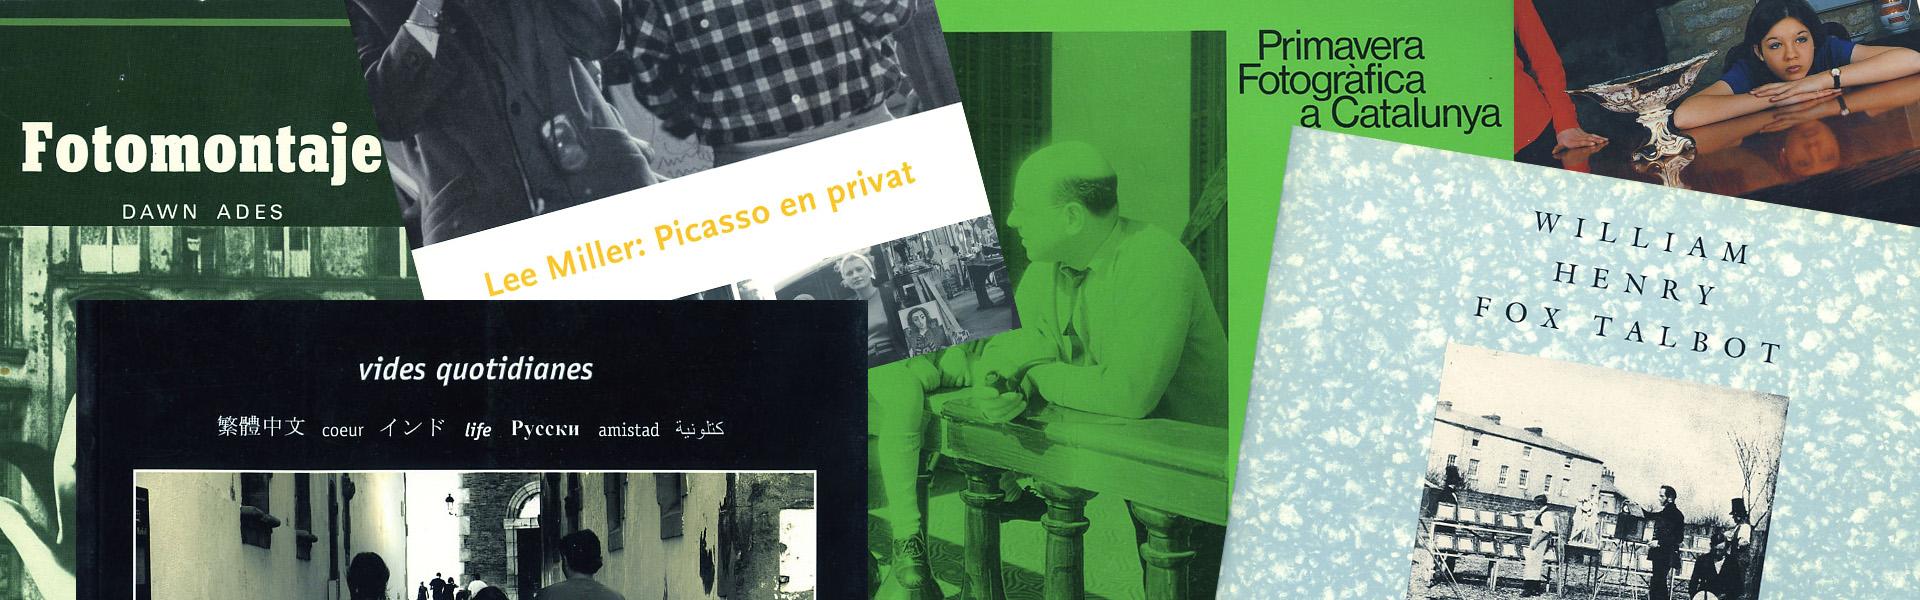 Intercambio de libros por Sant Jordi 2019